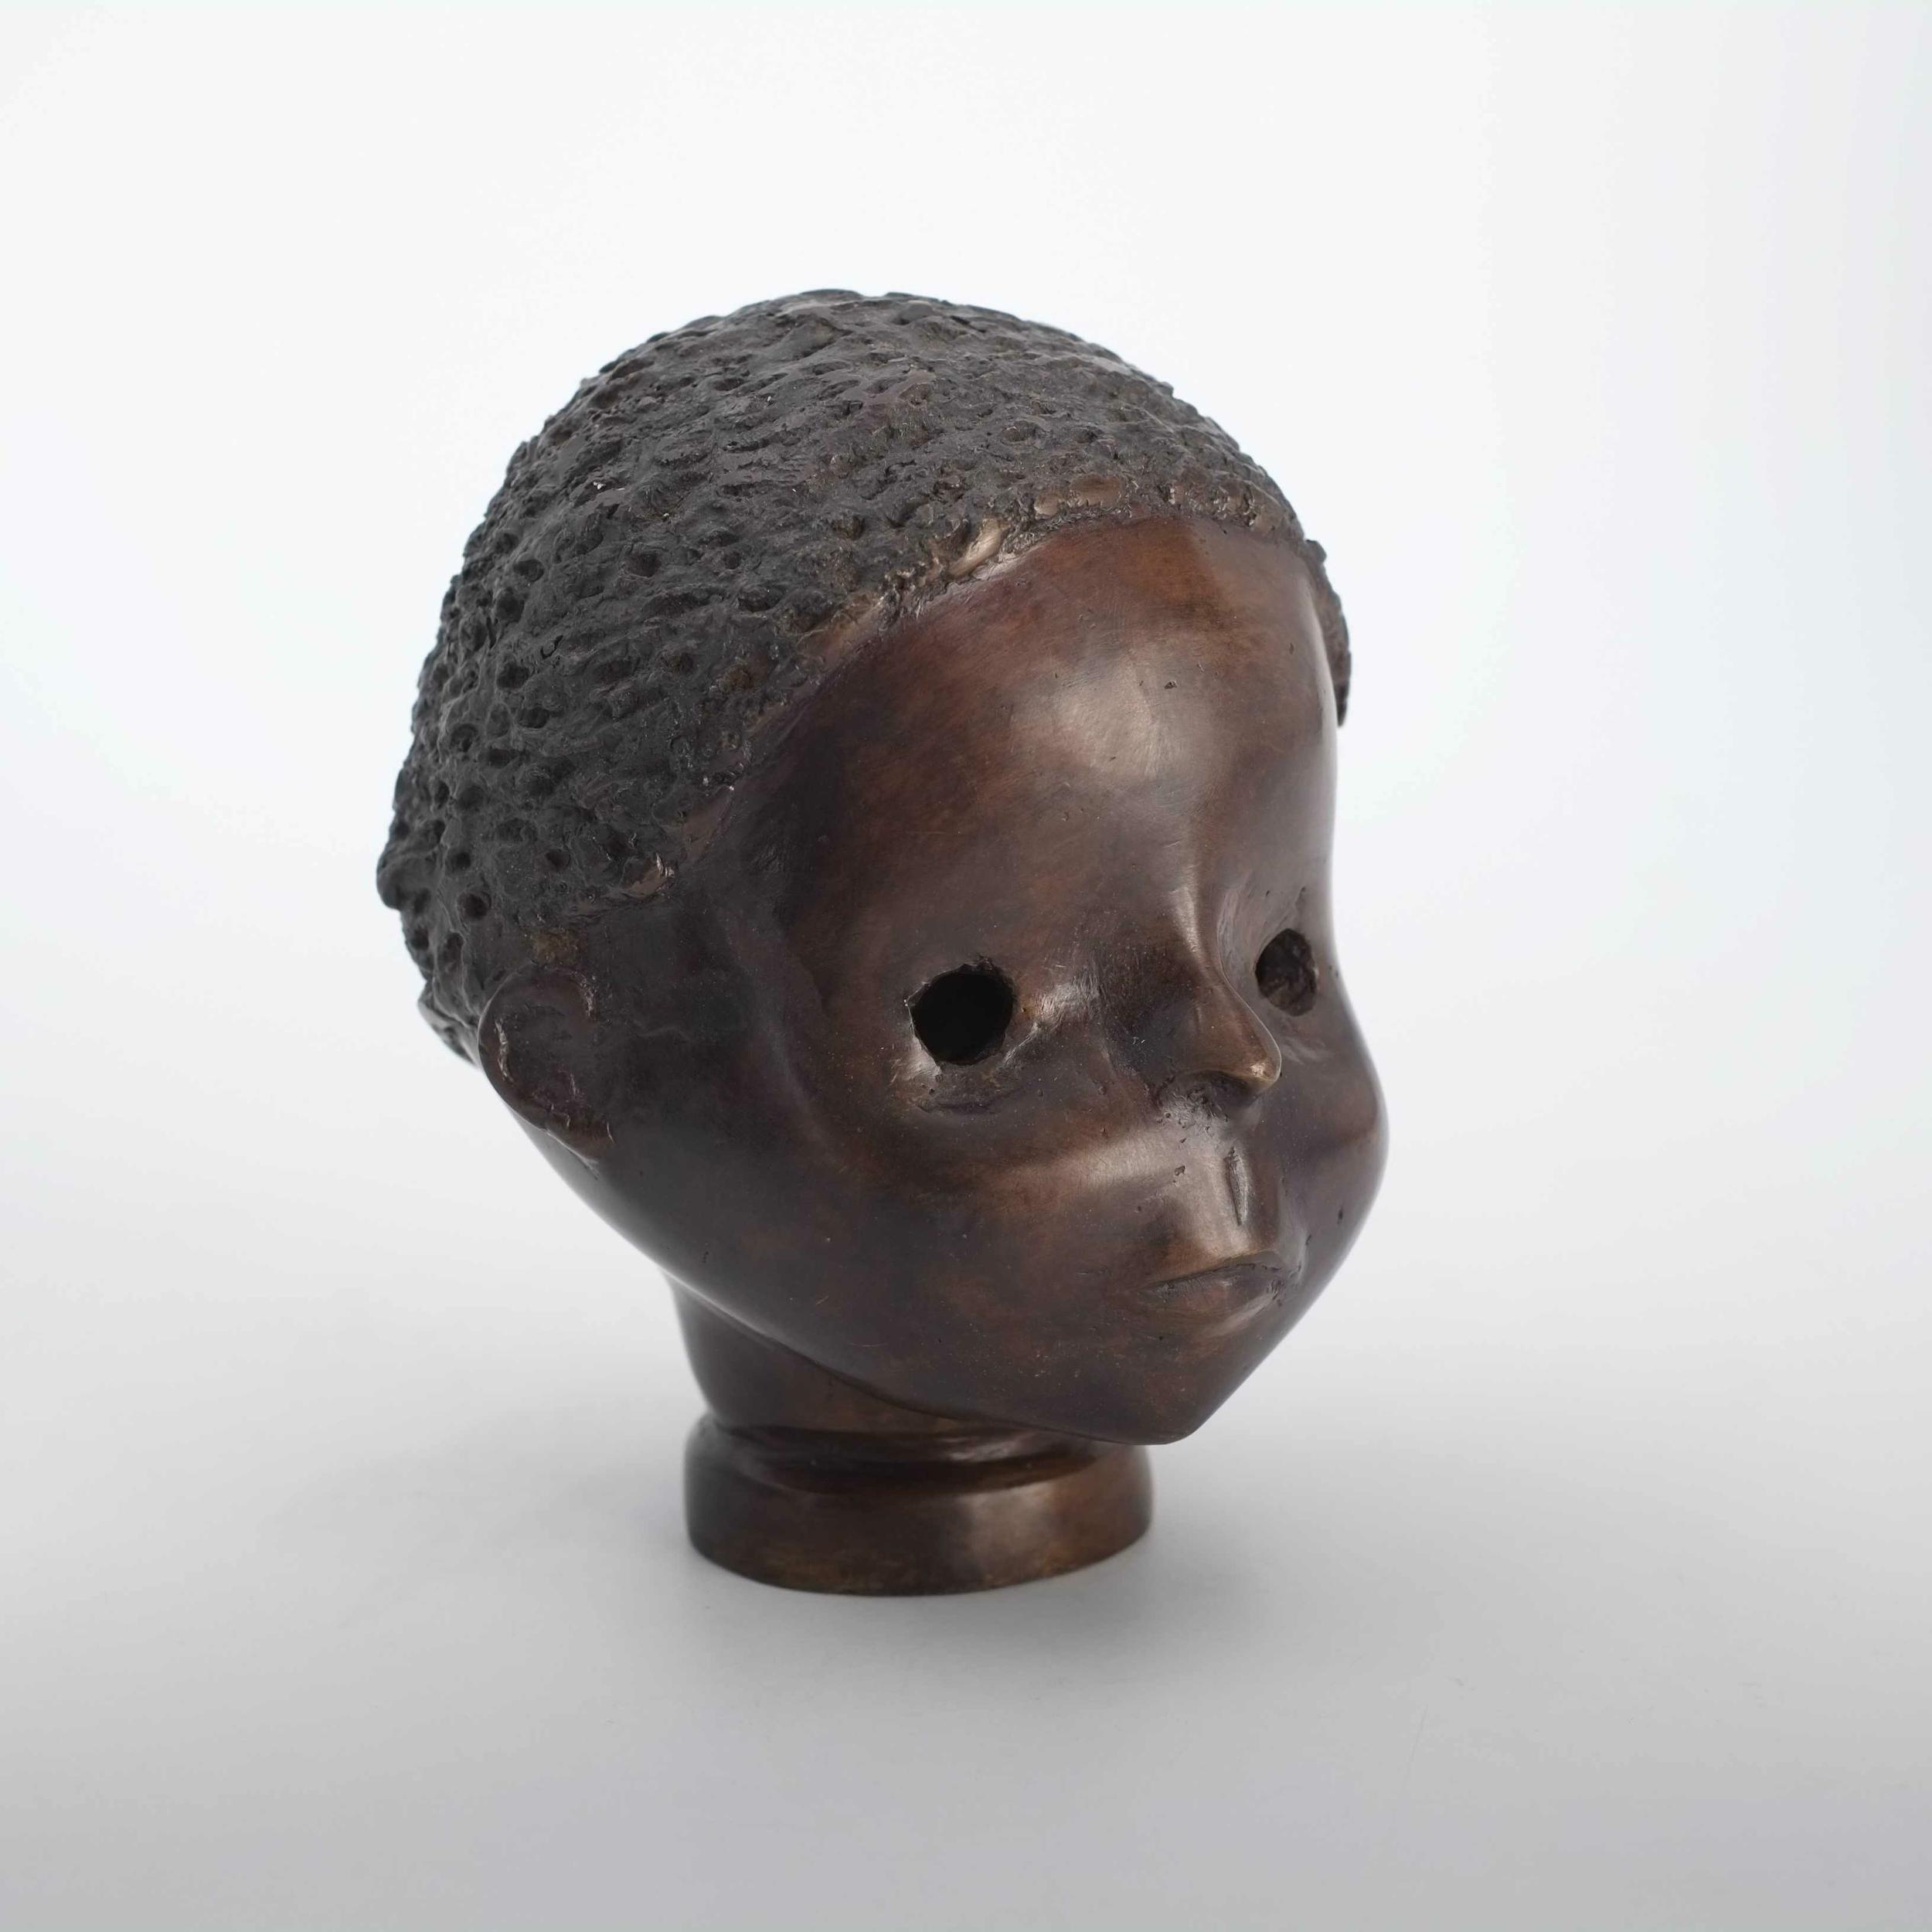 Tête de poupée en bronze du Burkina Faso